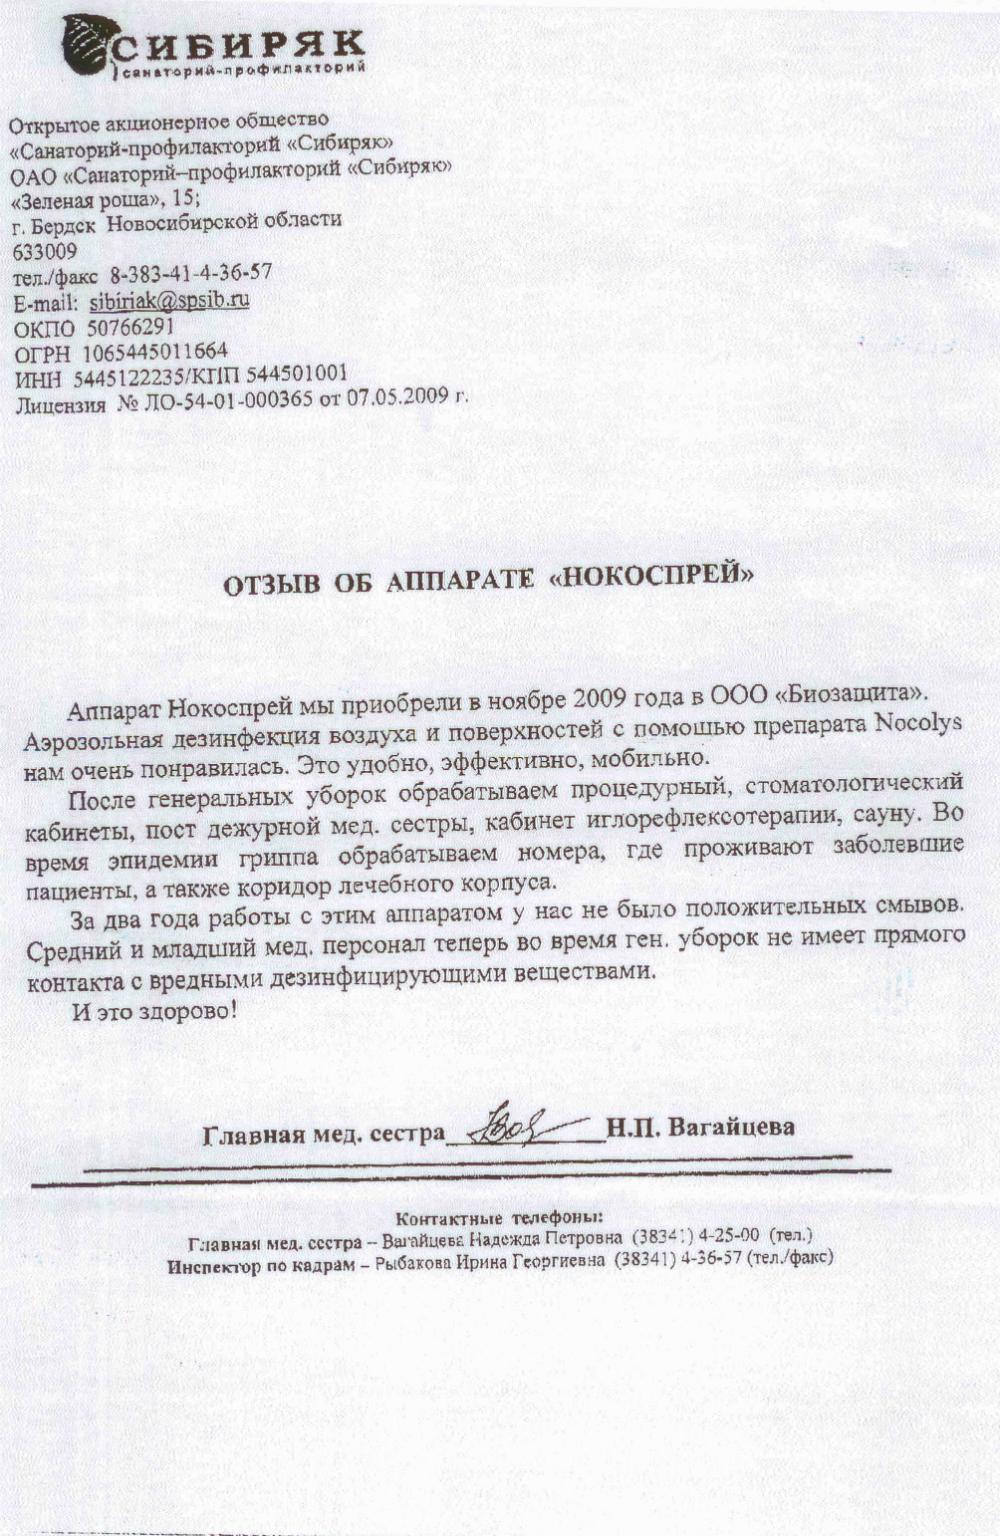 Рекомендательное письмо Сибиряк